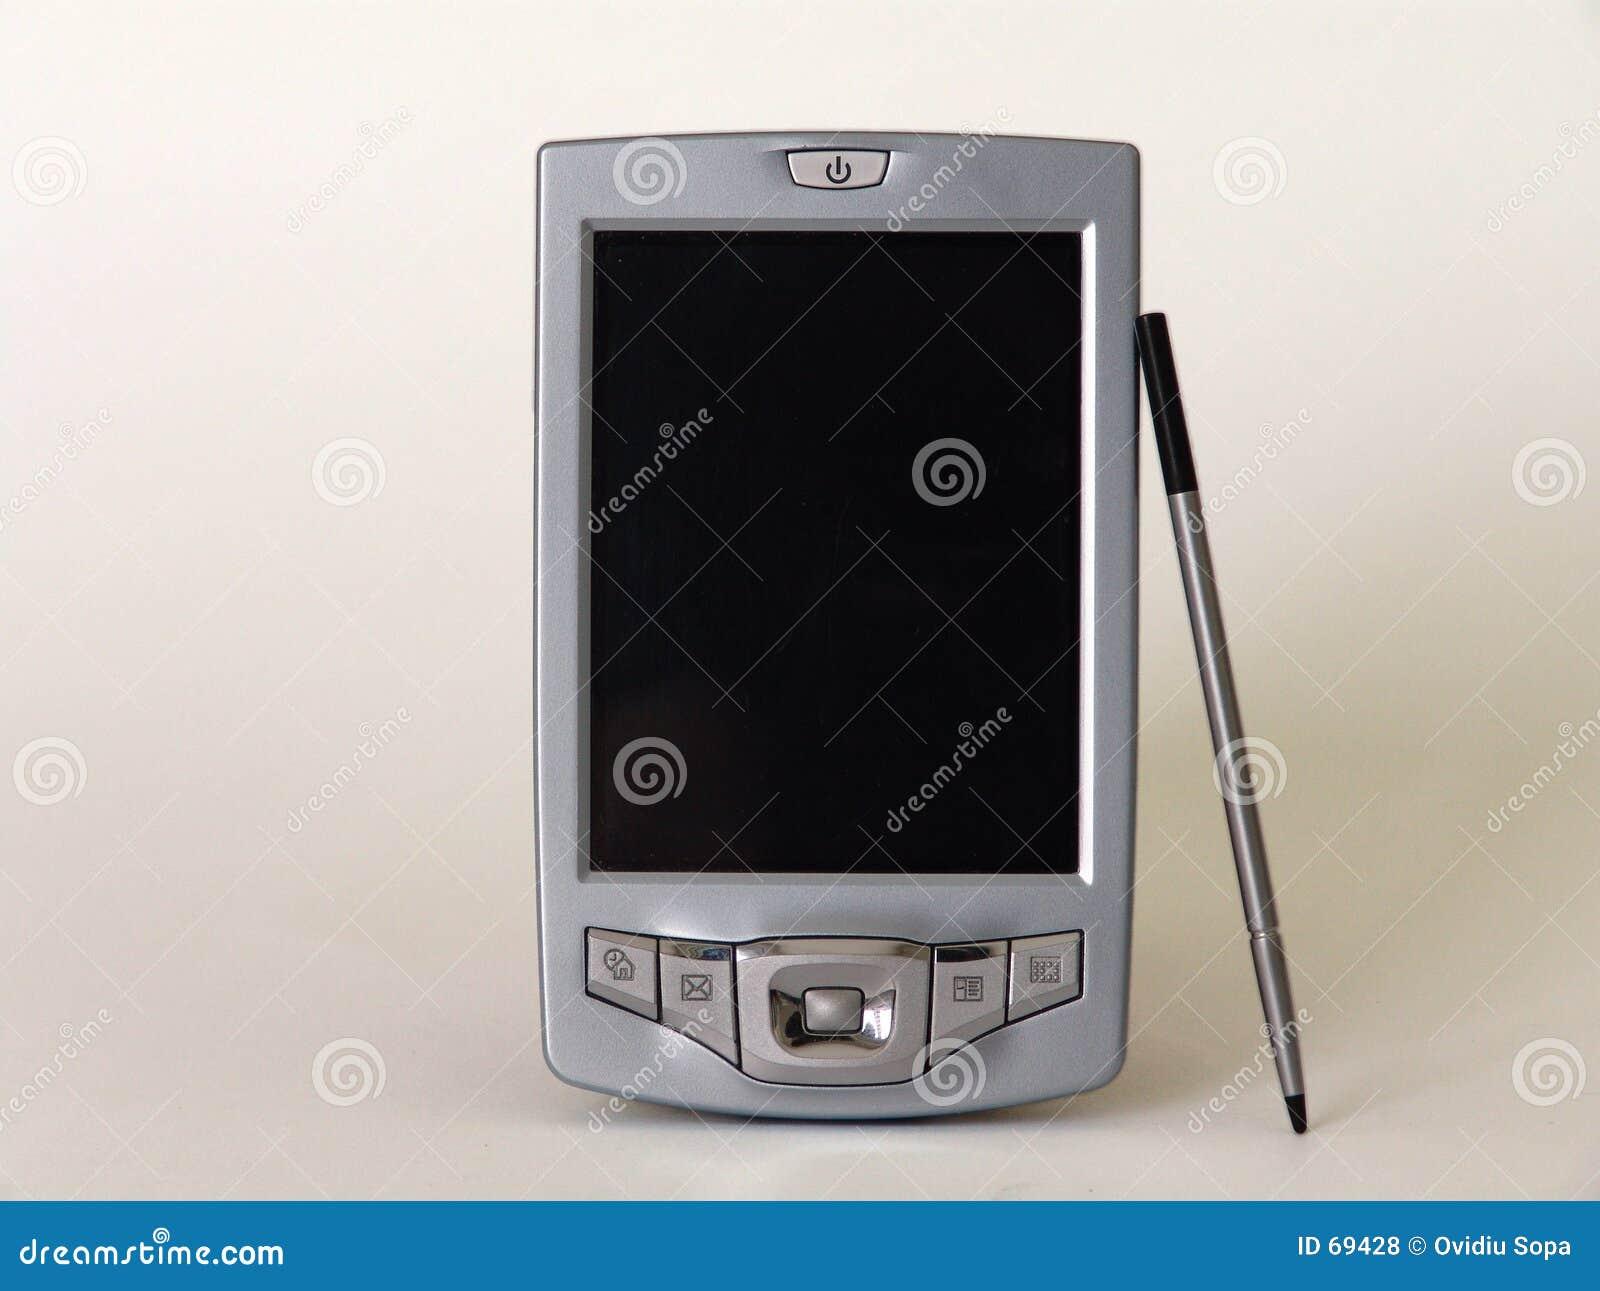 Embolse la PC - PDA